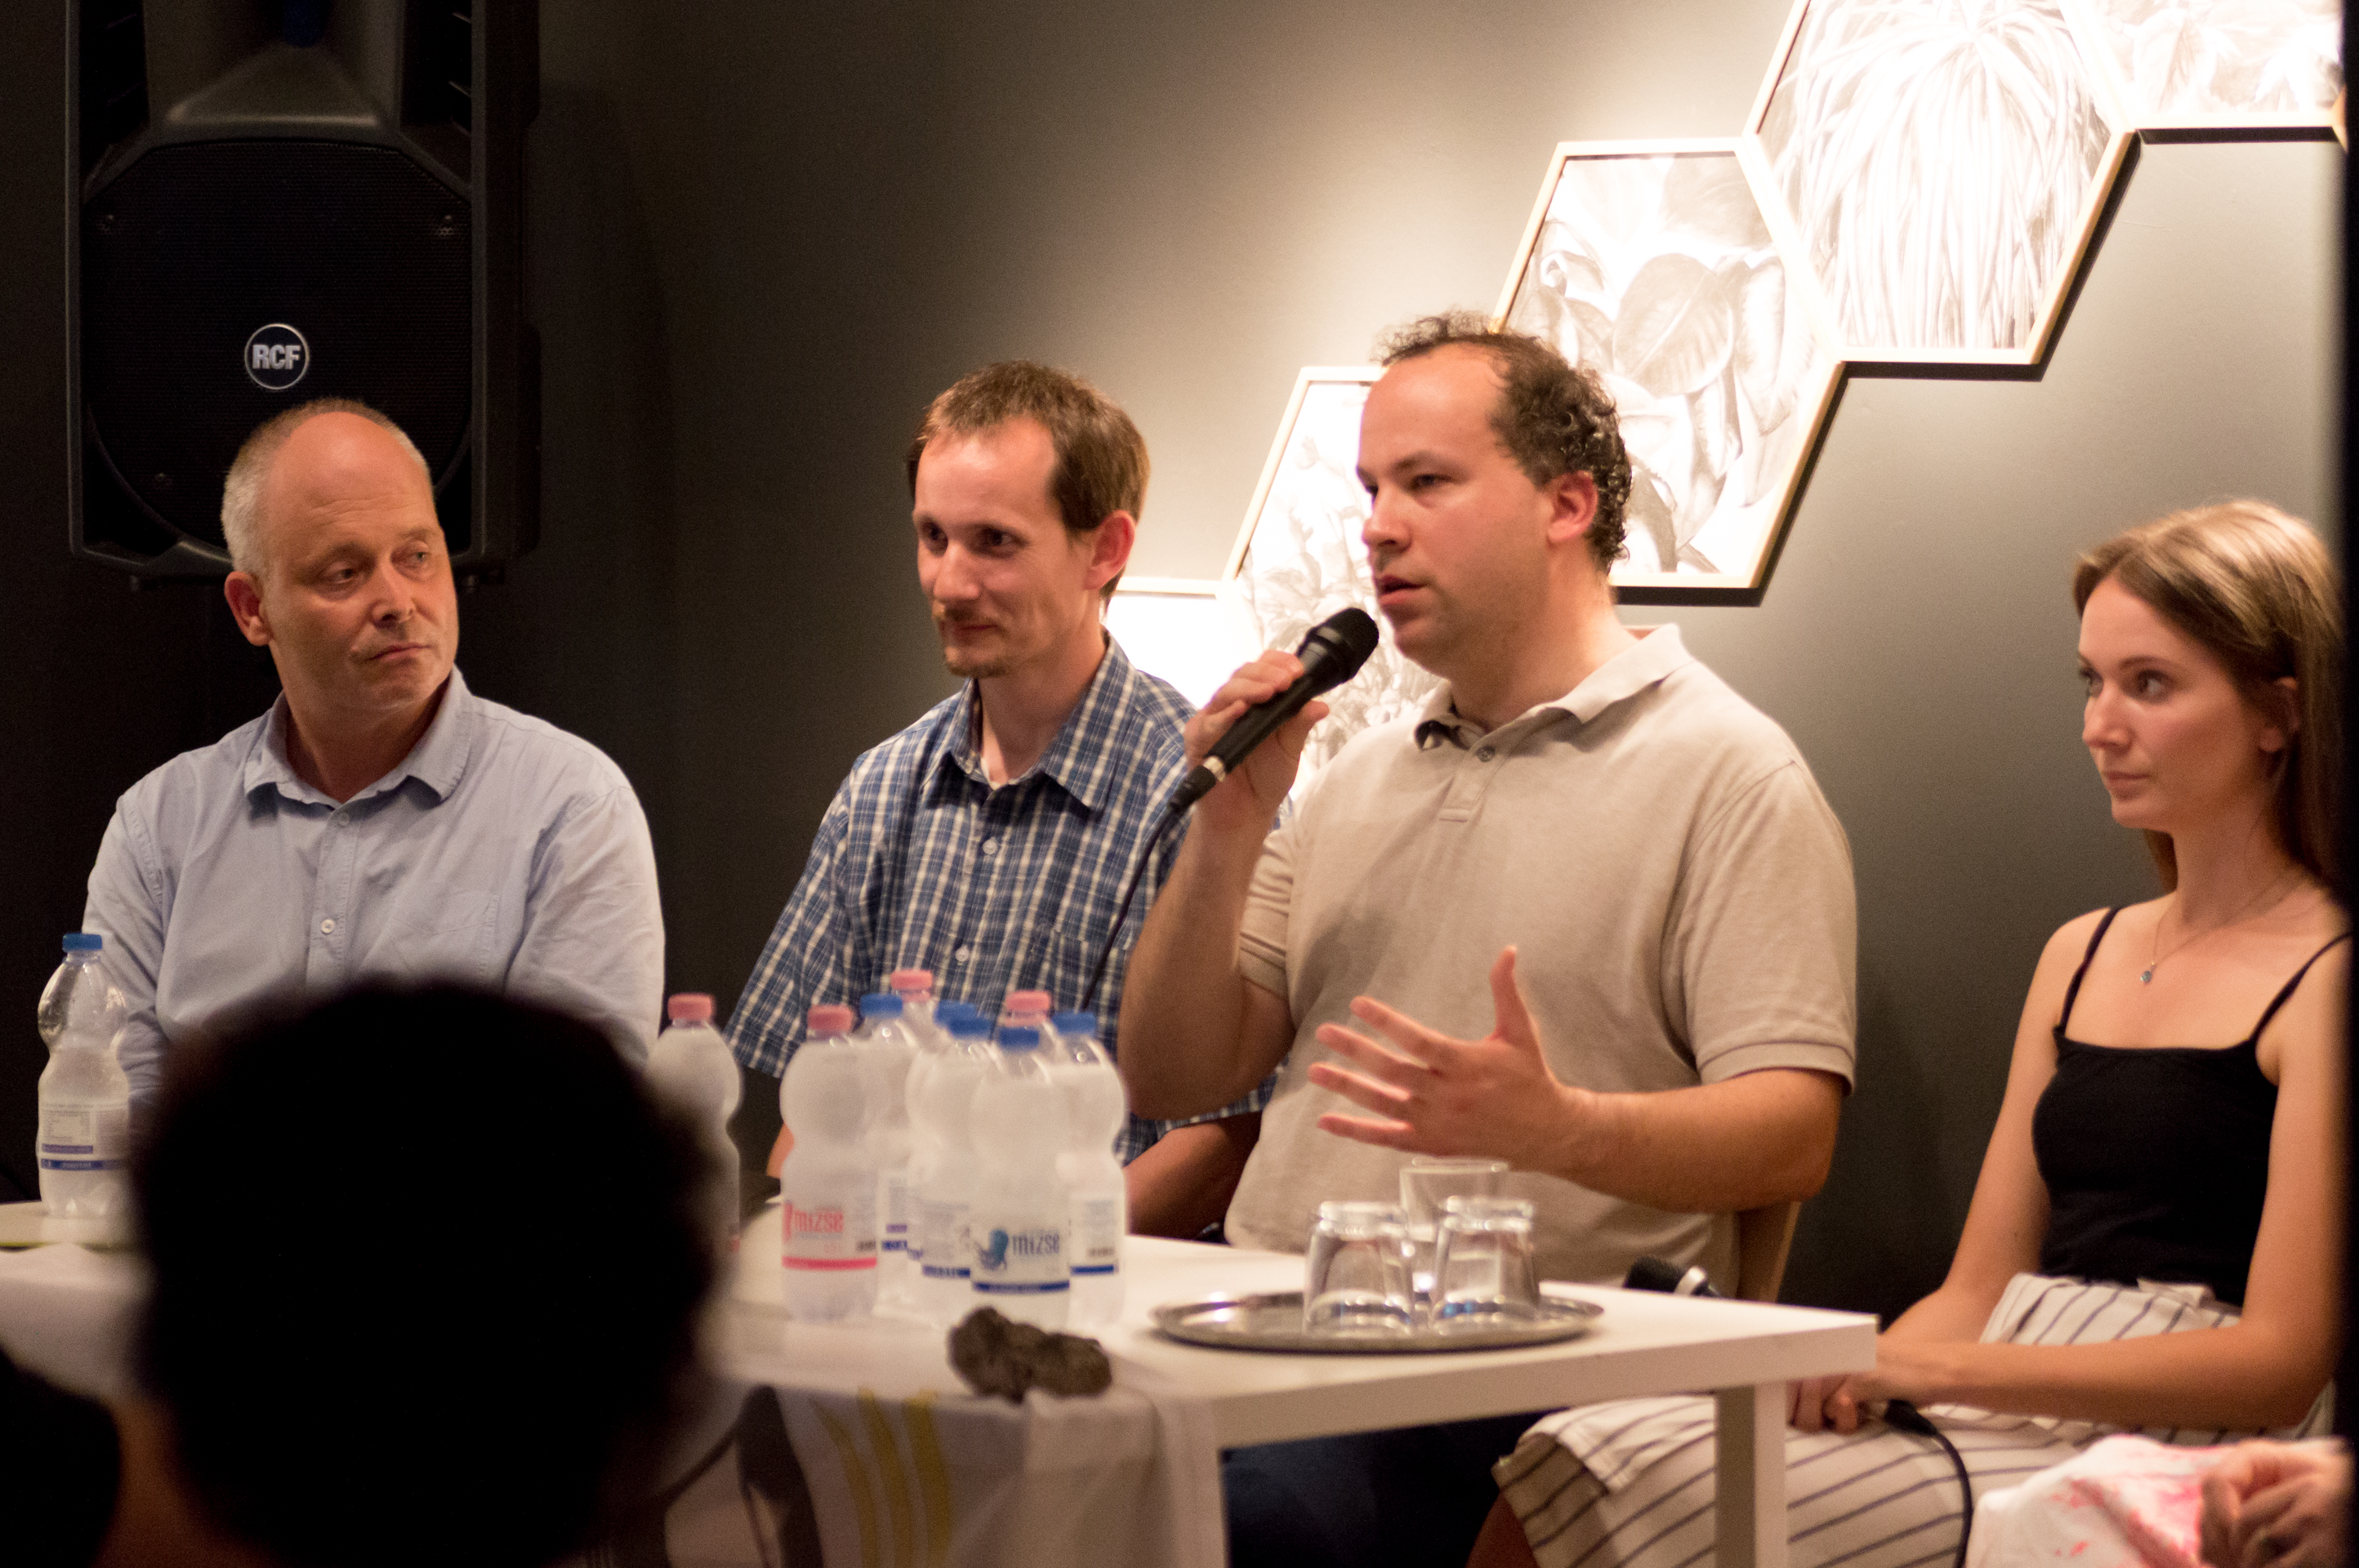 Balról jobbra: Hegyi Csaba; Cs. Szabó Sándor; Berecz Péter, Béres Zsuzsa